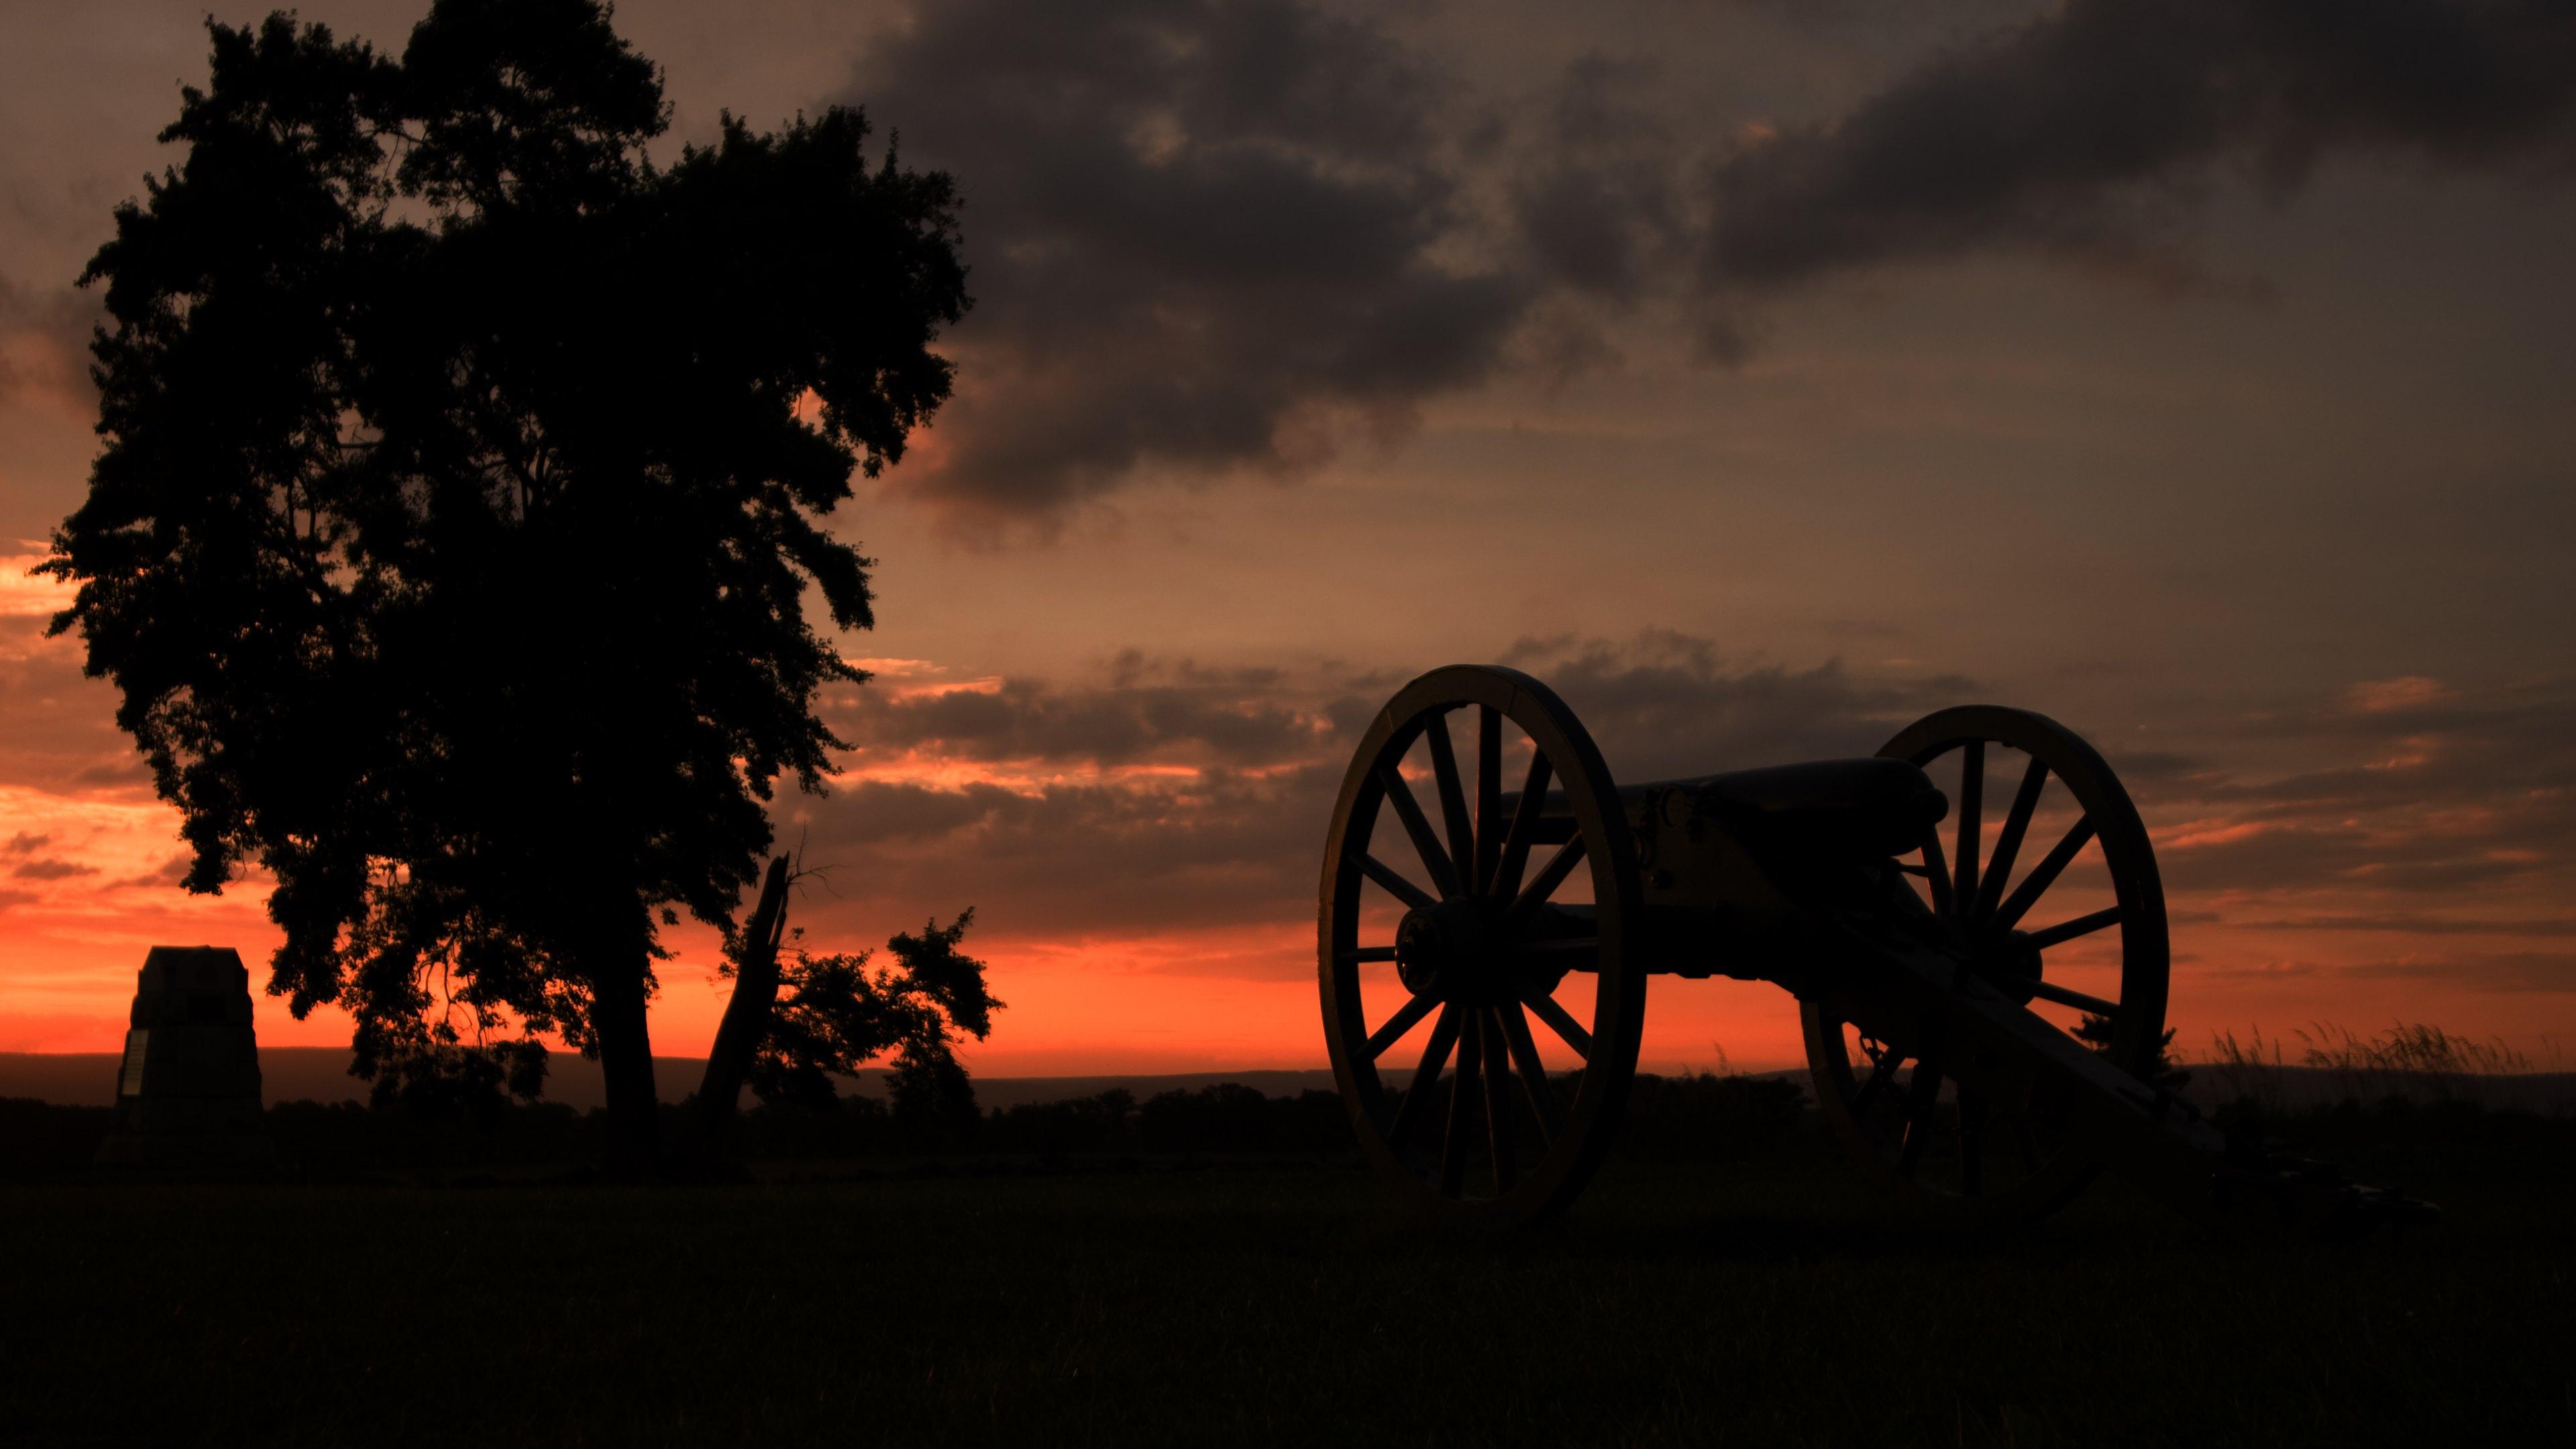 charge gettysburg cannon wallpaper widescreen desktop macbook retina 3840x2160